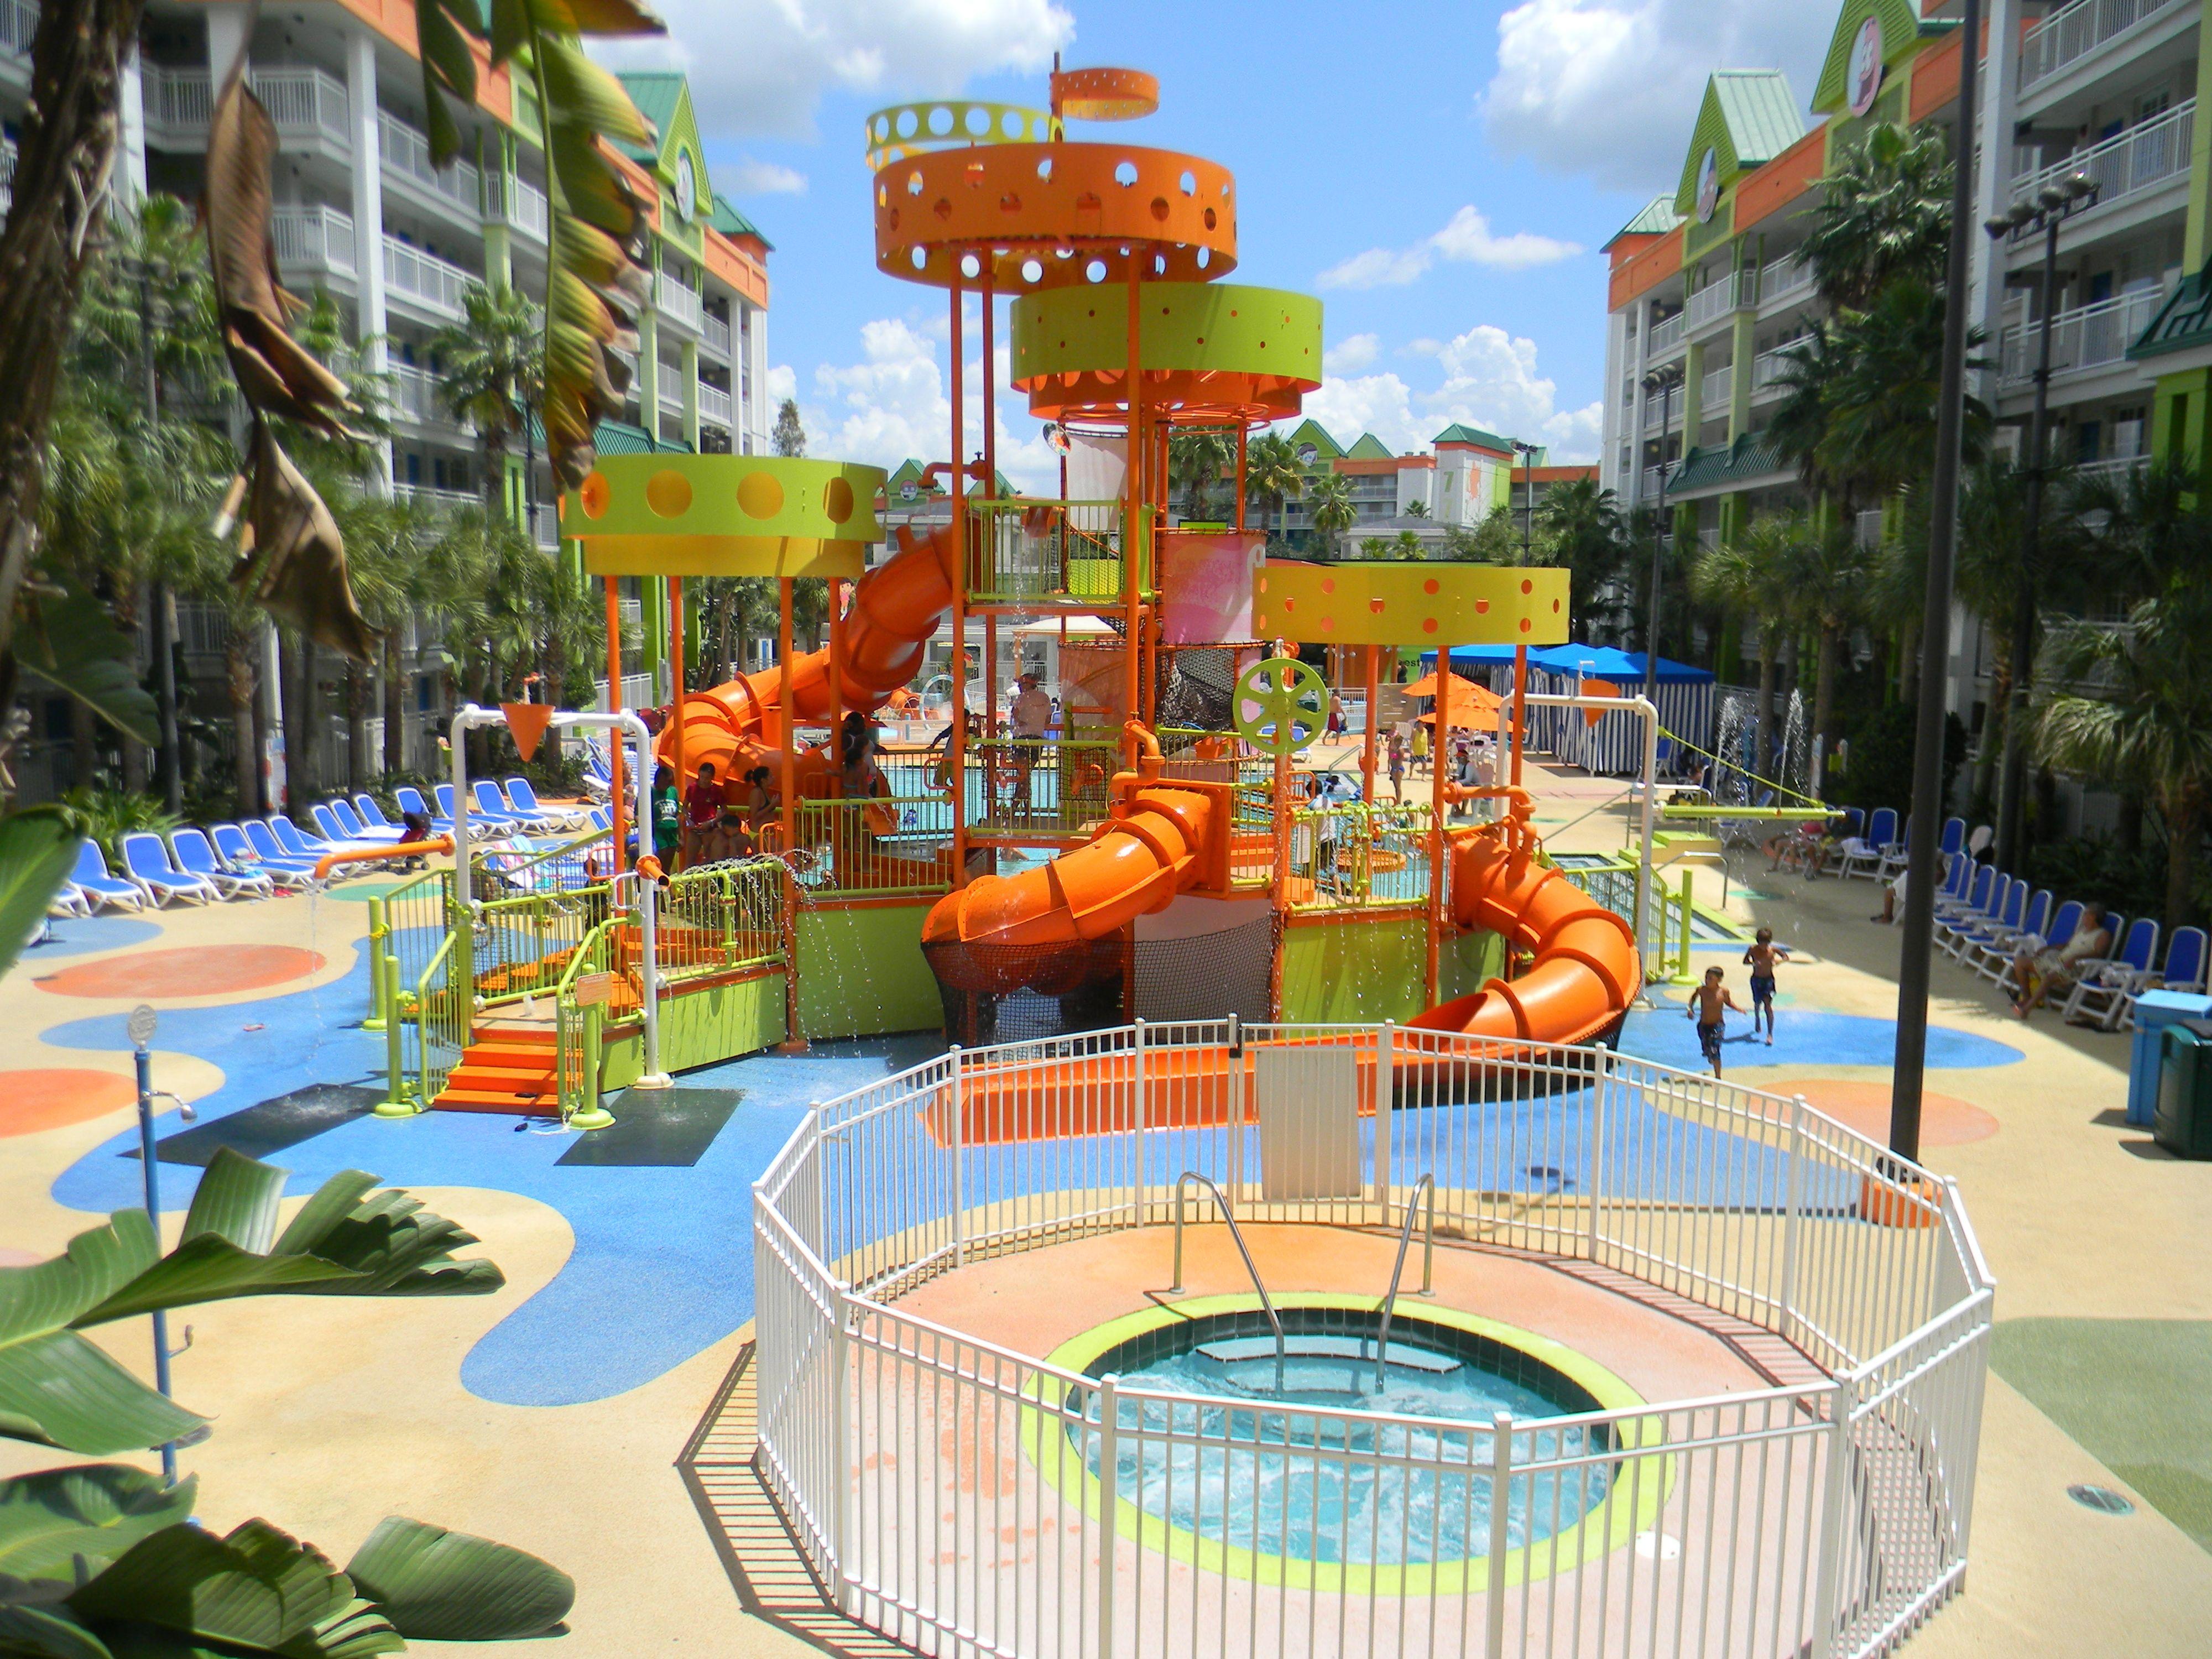 Oasis Pool Nick Hotel In Orlando Fl. #nickhotel